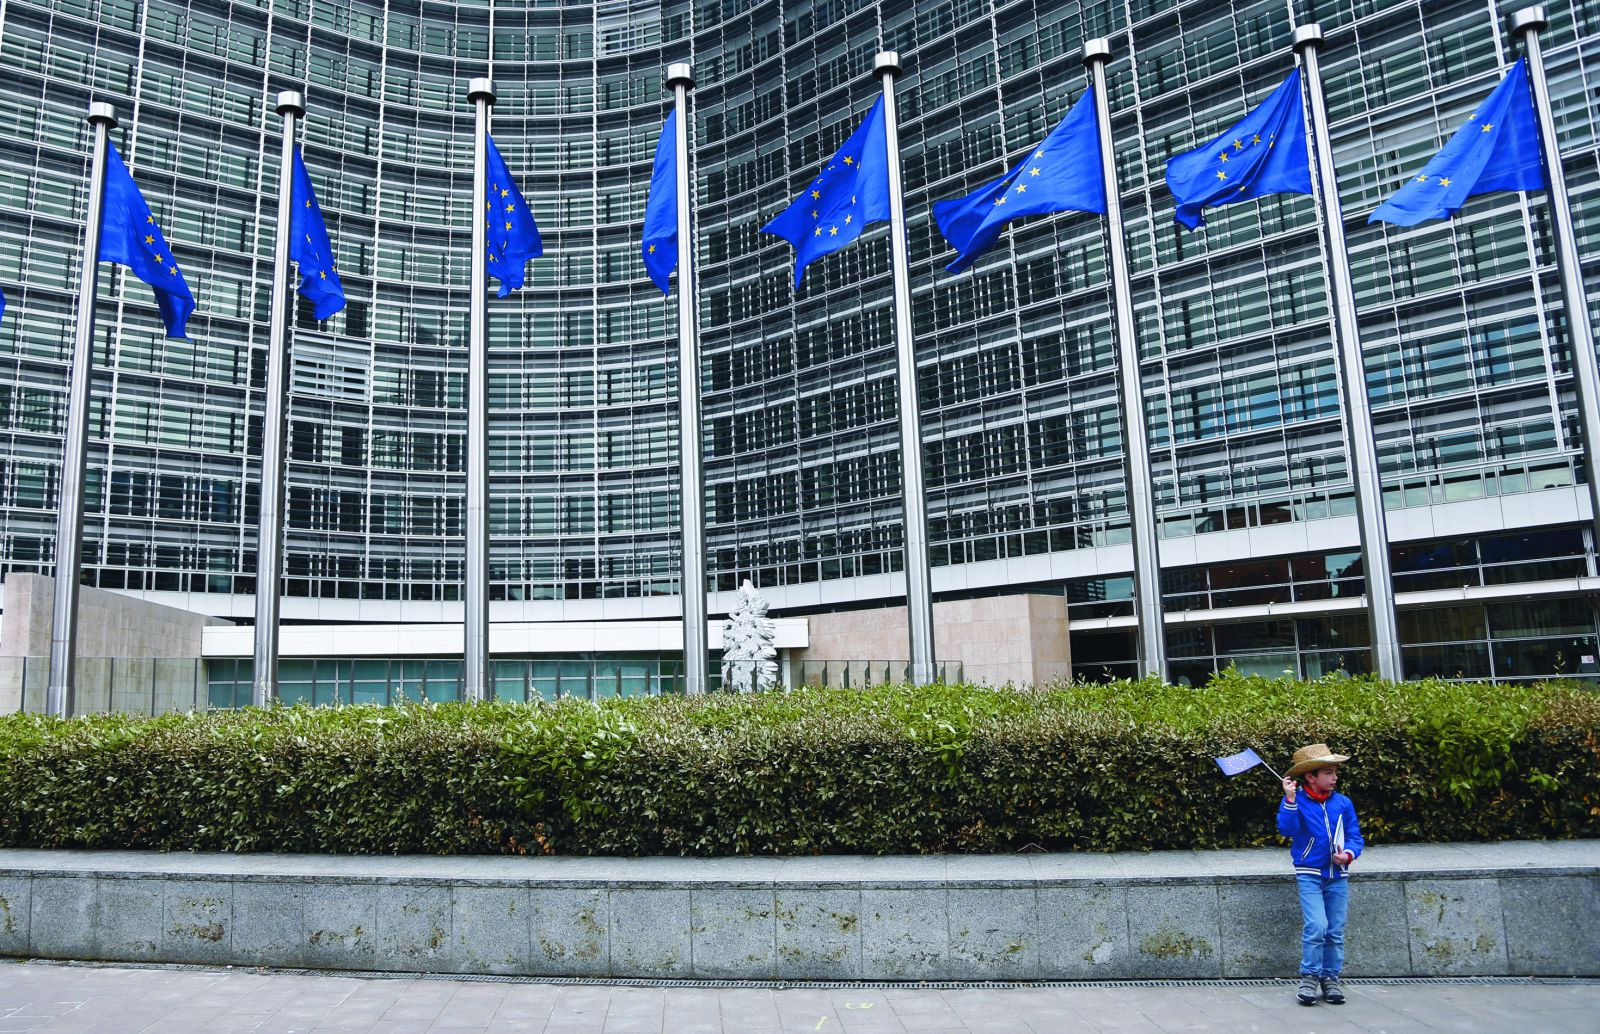 Lo scambio di lettere con il Commissario Moscovici sulla situazione economica in Grecia